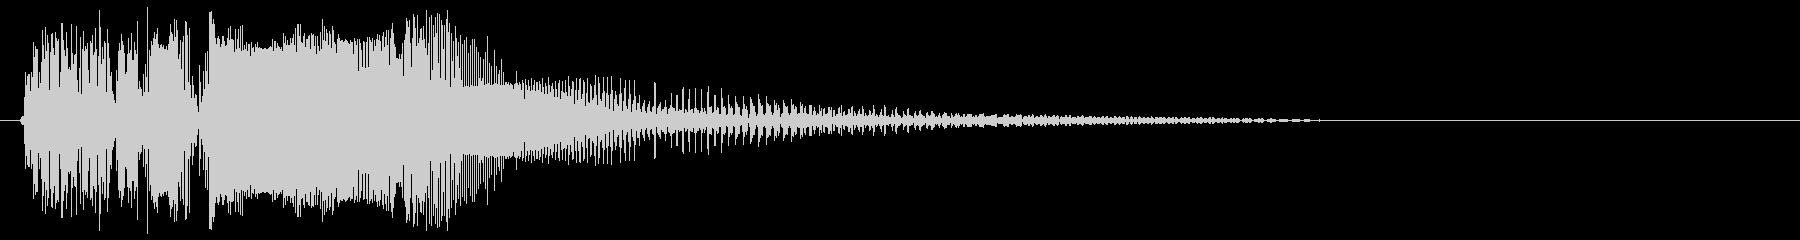 バキューーン(ショット音、強め)の未再生の波形